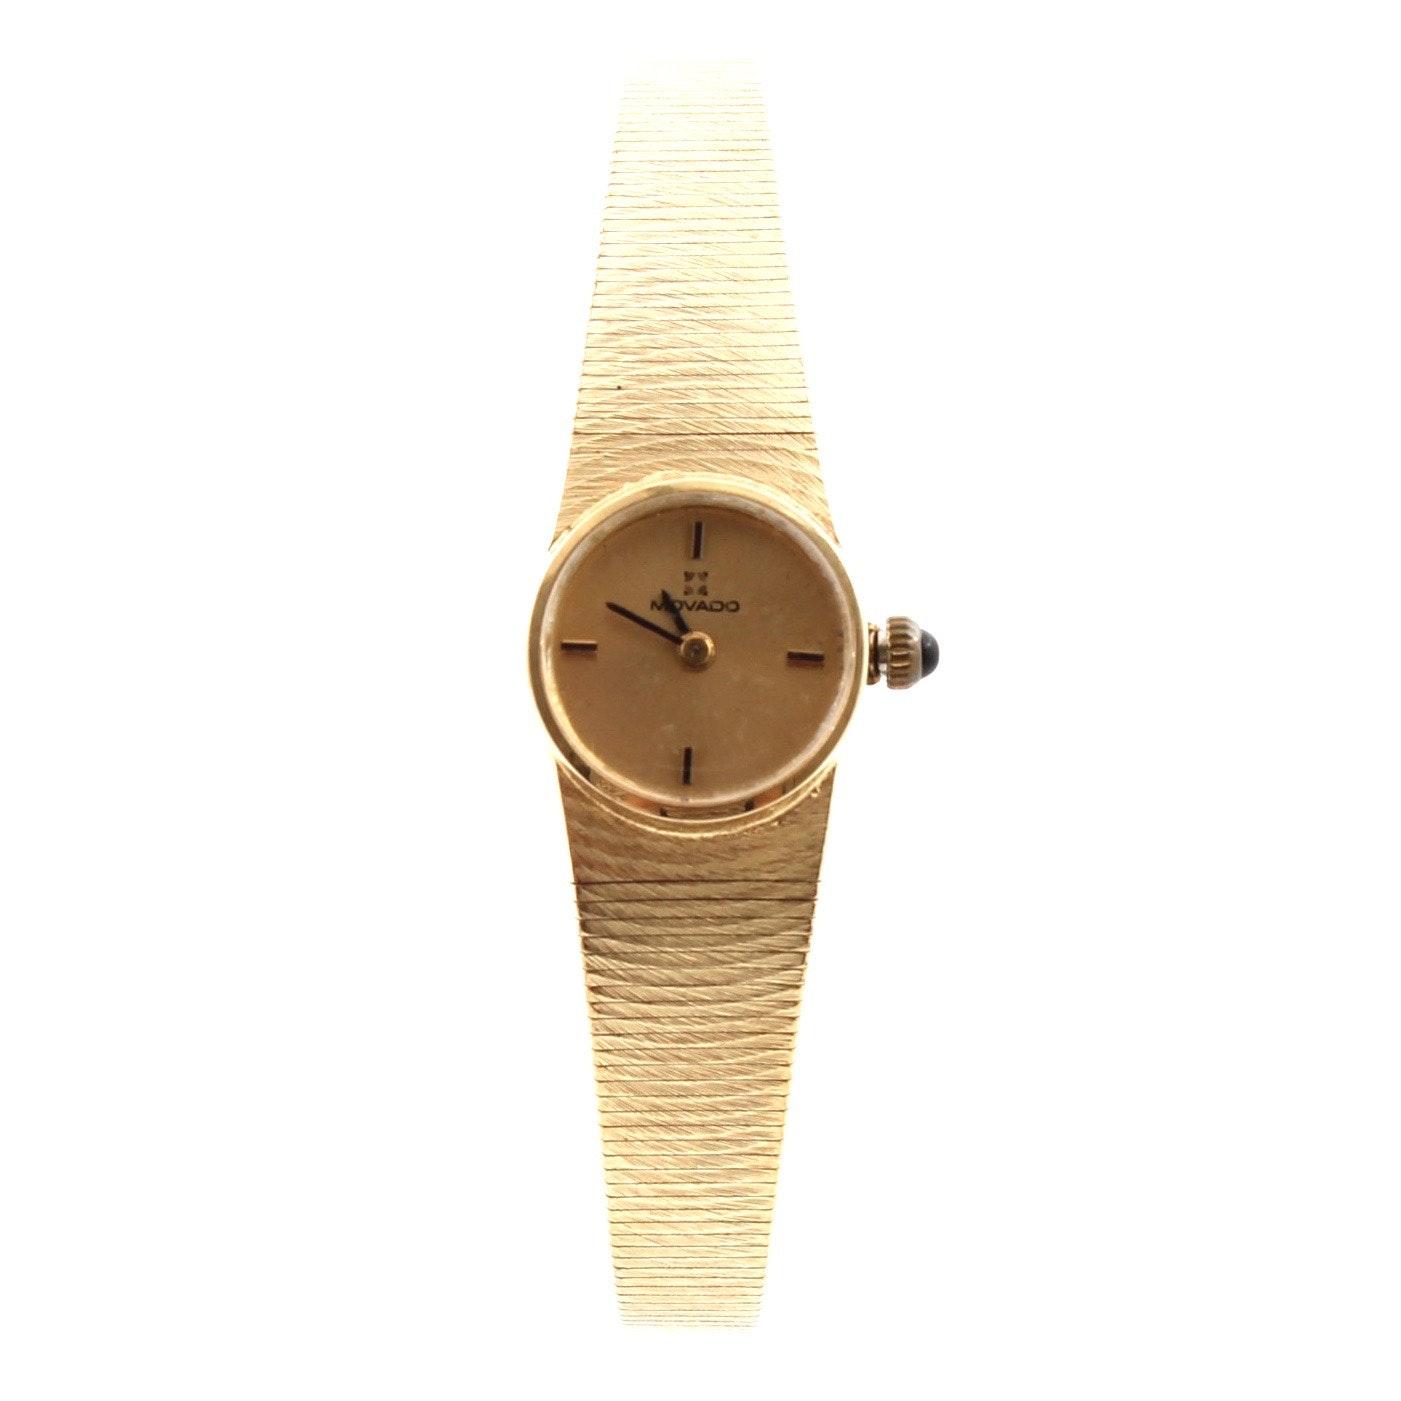 Movado 14K Yellow Gold Wristwatch